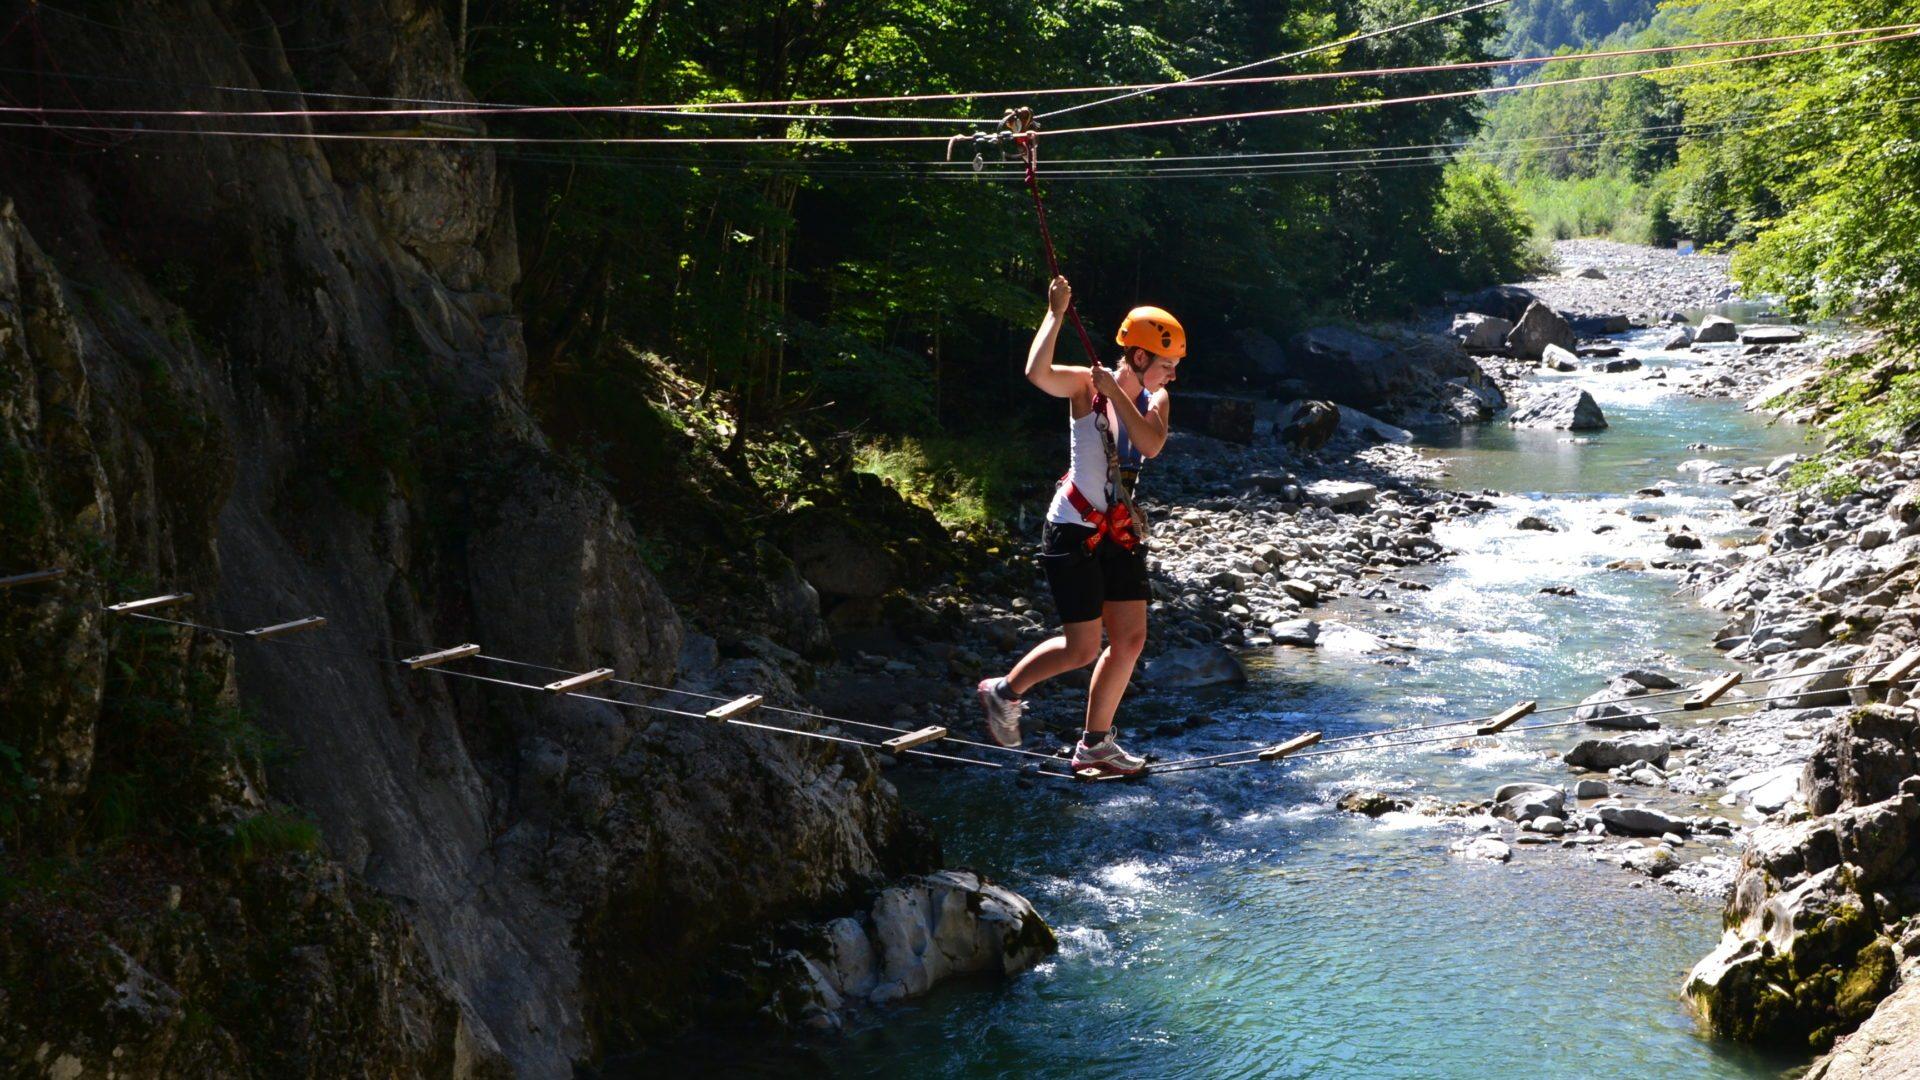 Klettergurt Für Hochseilgarten : Aqua hochseilgarten bregenzerwald in vorarlberg